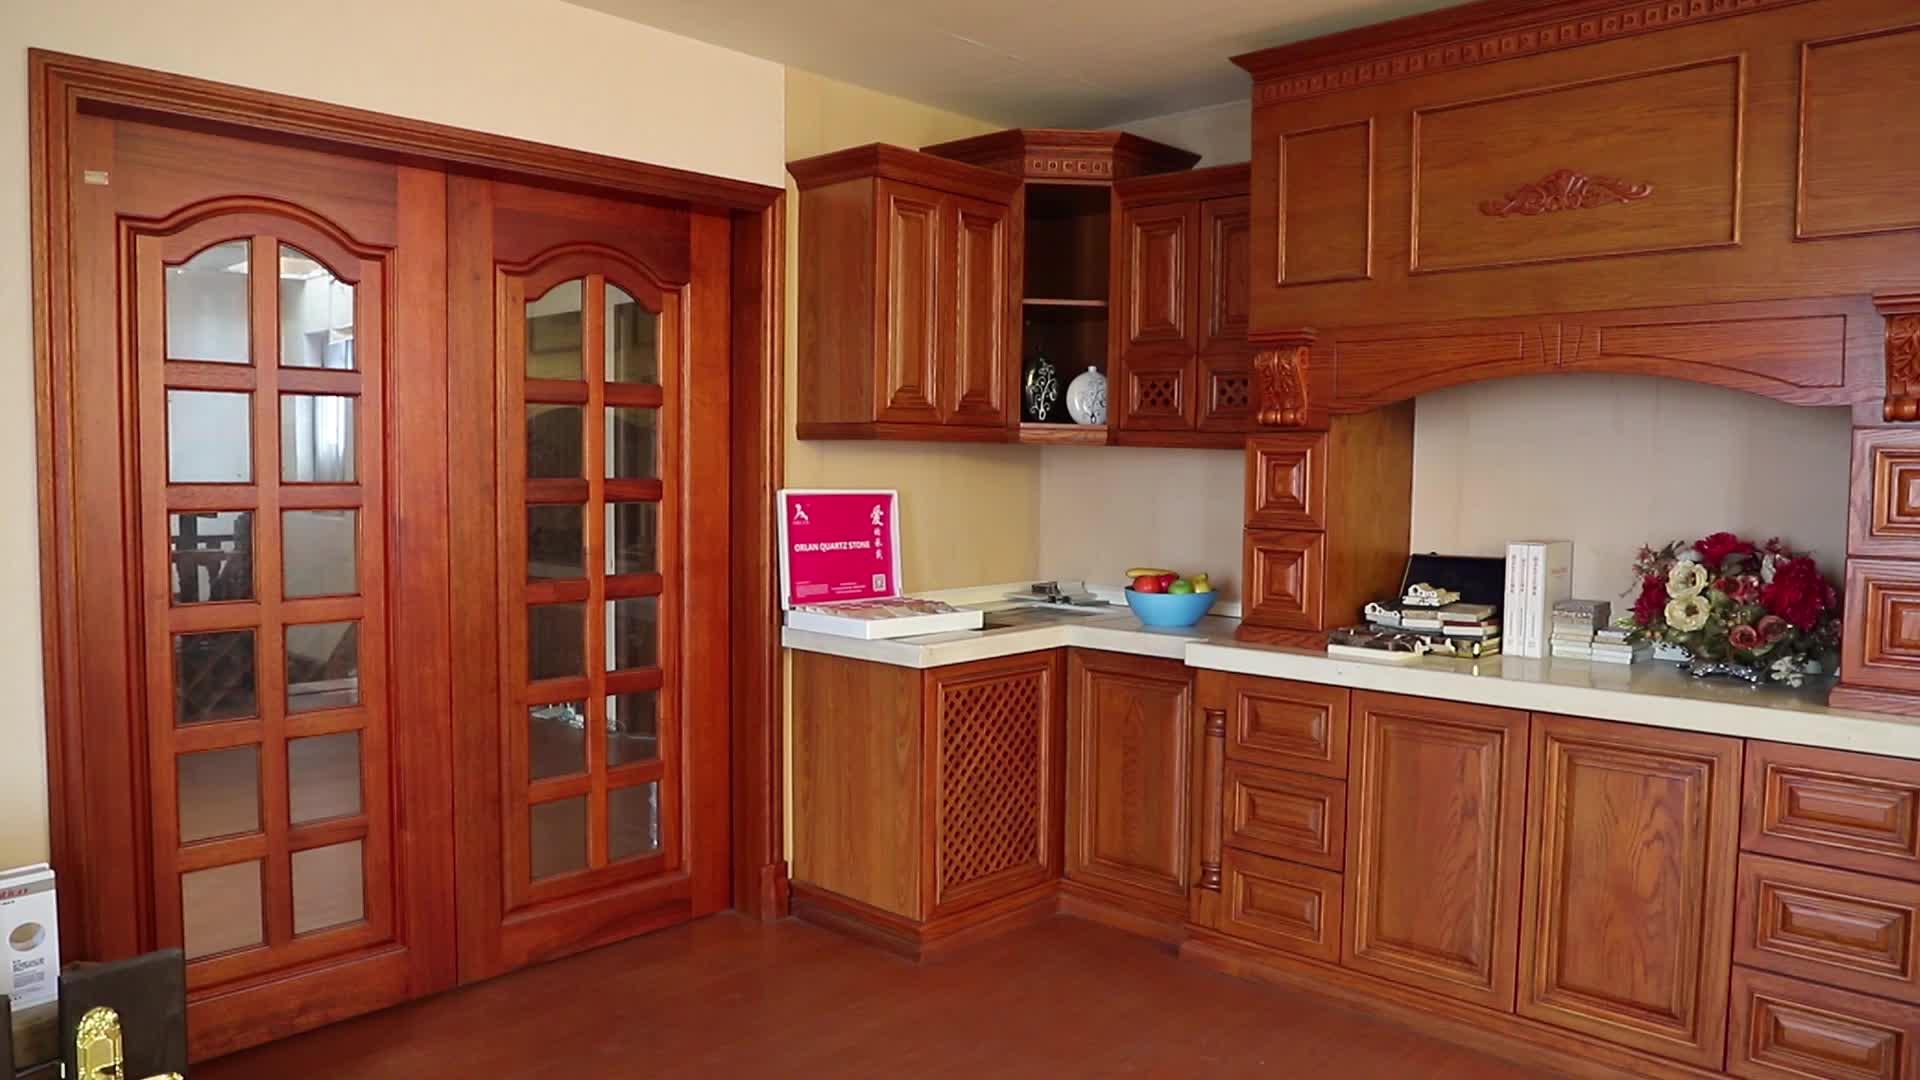 森雕木业专业供应工艺精品雕刻欧洲风格实木橱柜 整体橱柜